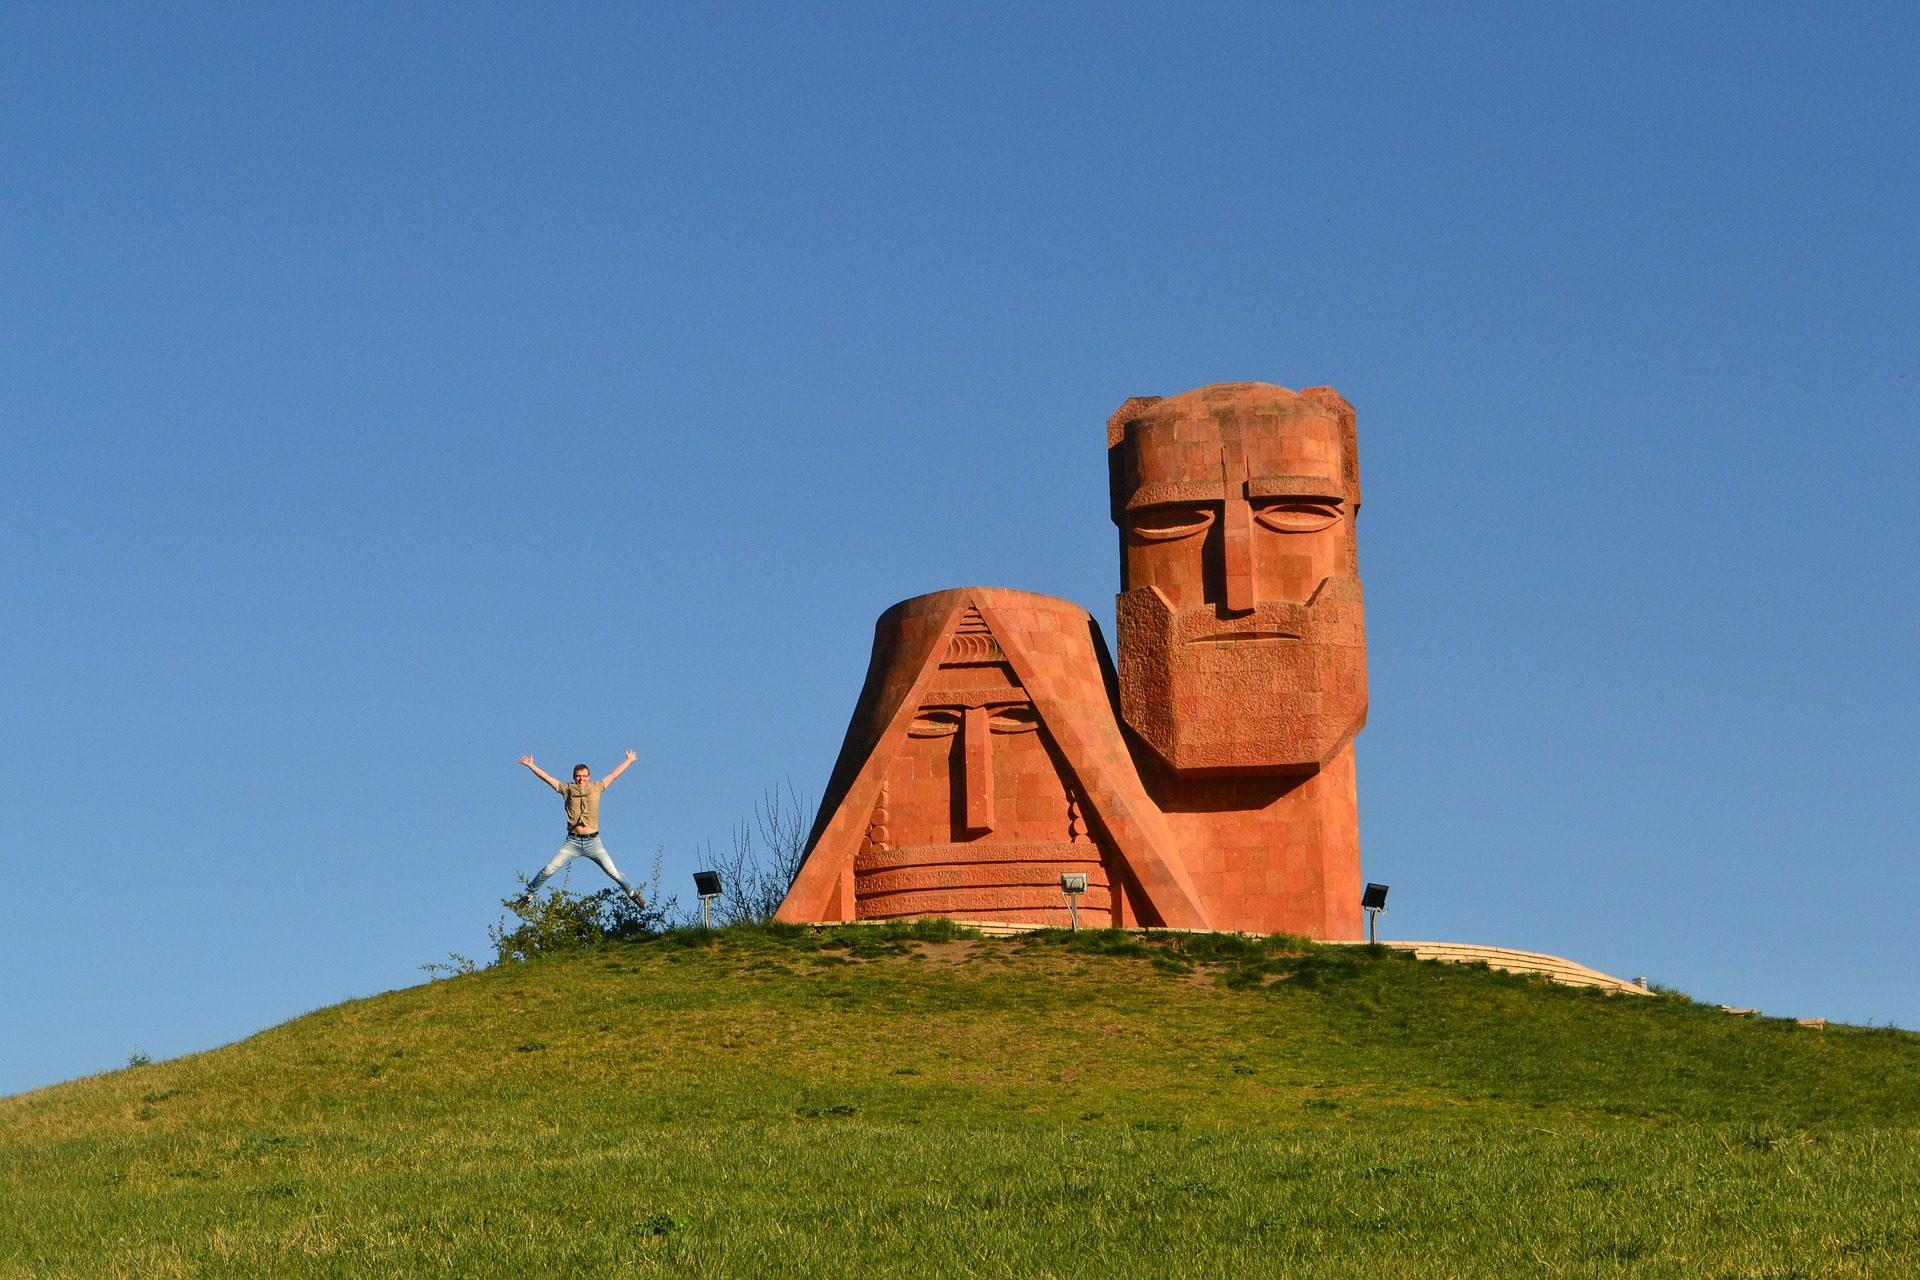 تمثال, النصب التذكاري, الطوطم, هيل, رجل, الانتقال السريع - خلفيات عالية الدقة - أستاذ falken.com